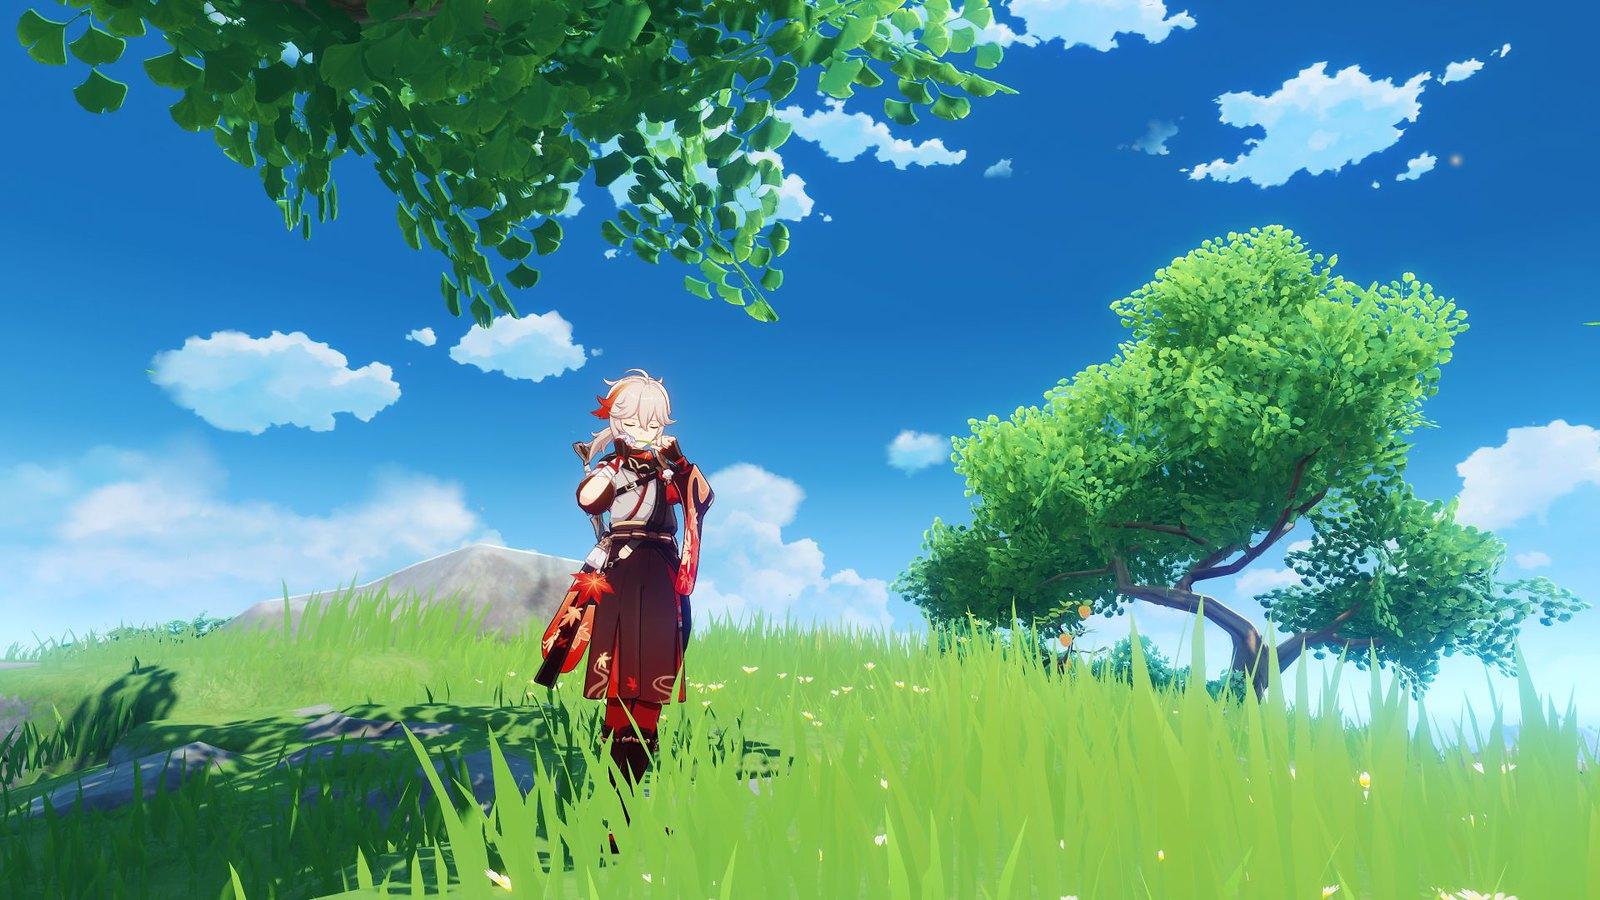 Imagem do update 1.6 de Genshin Impact com o novo personagem jogável em um campo